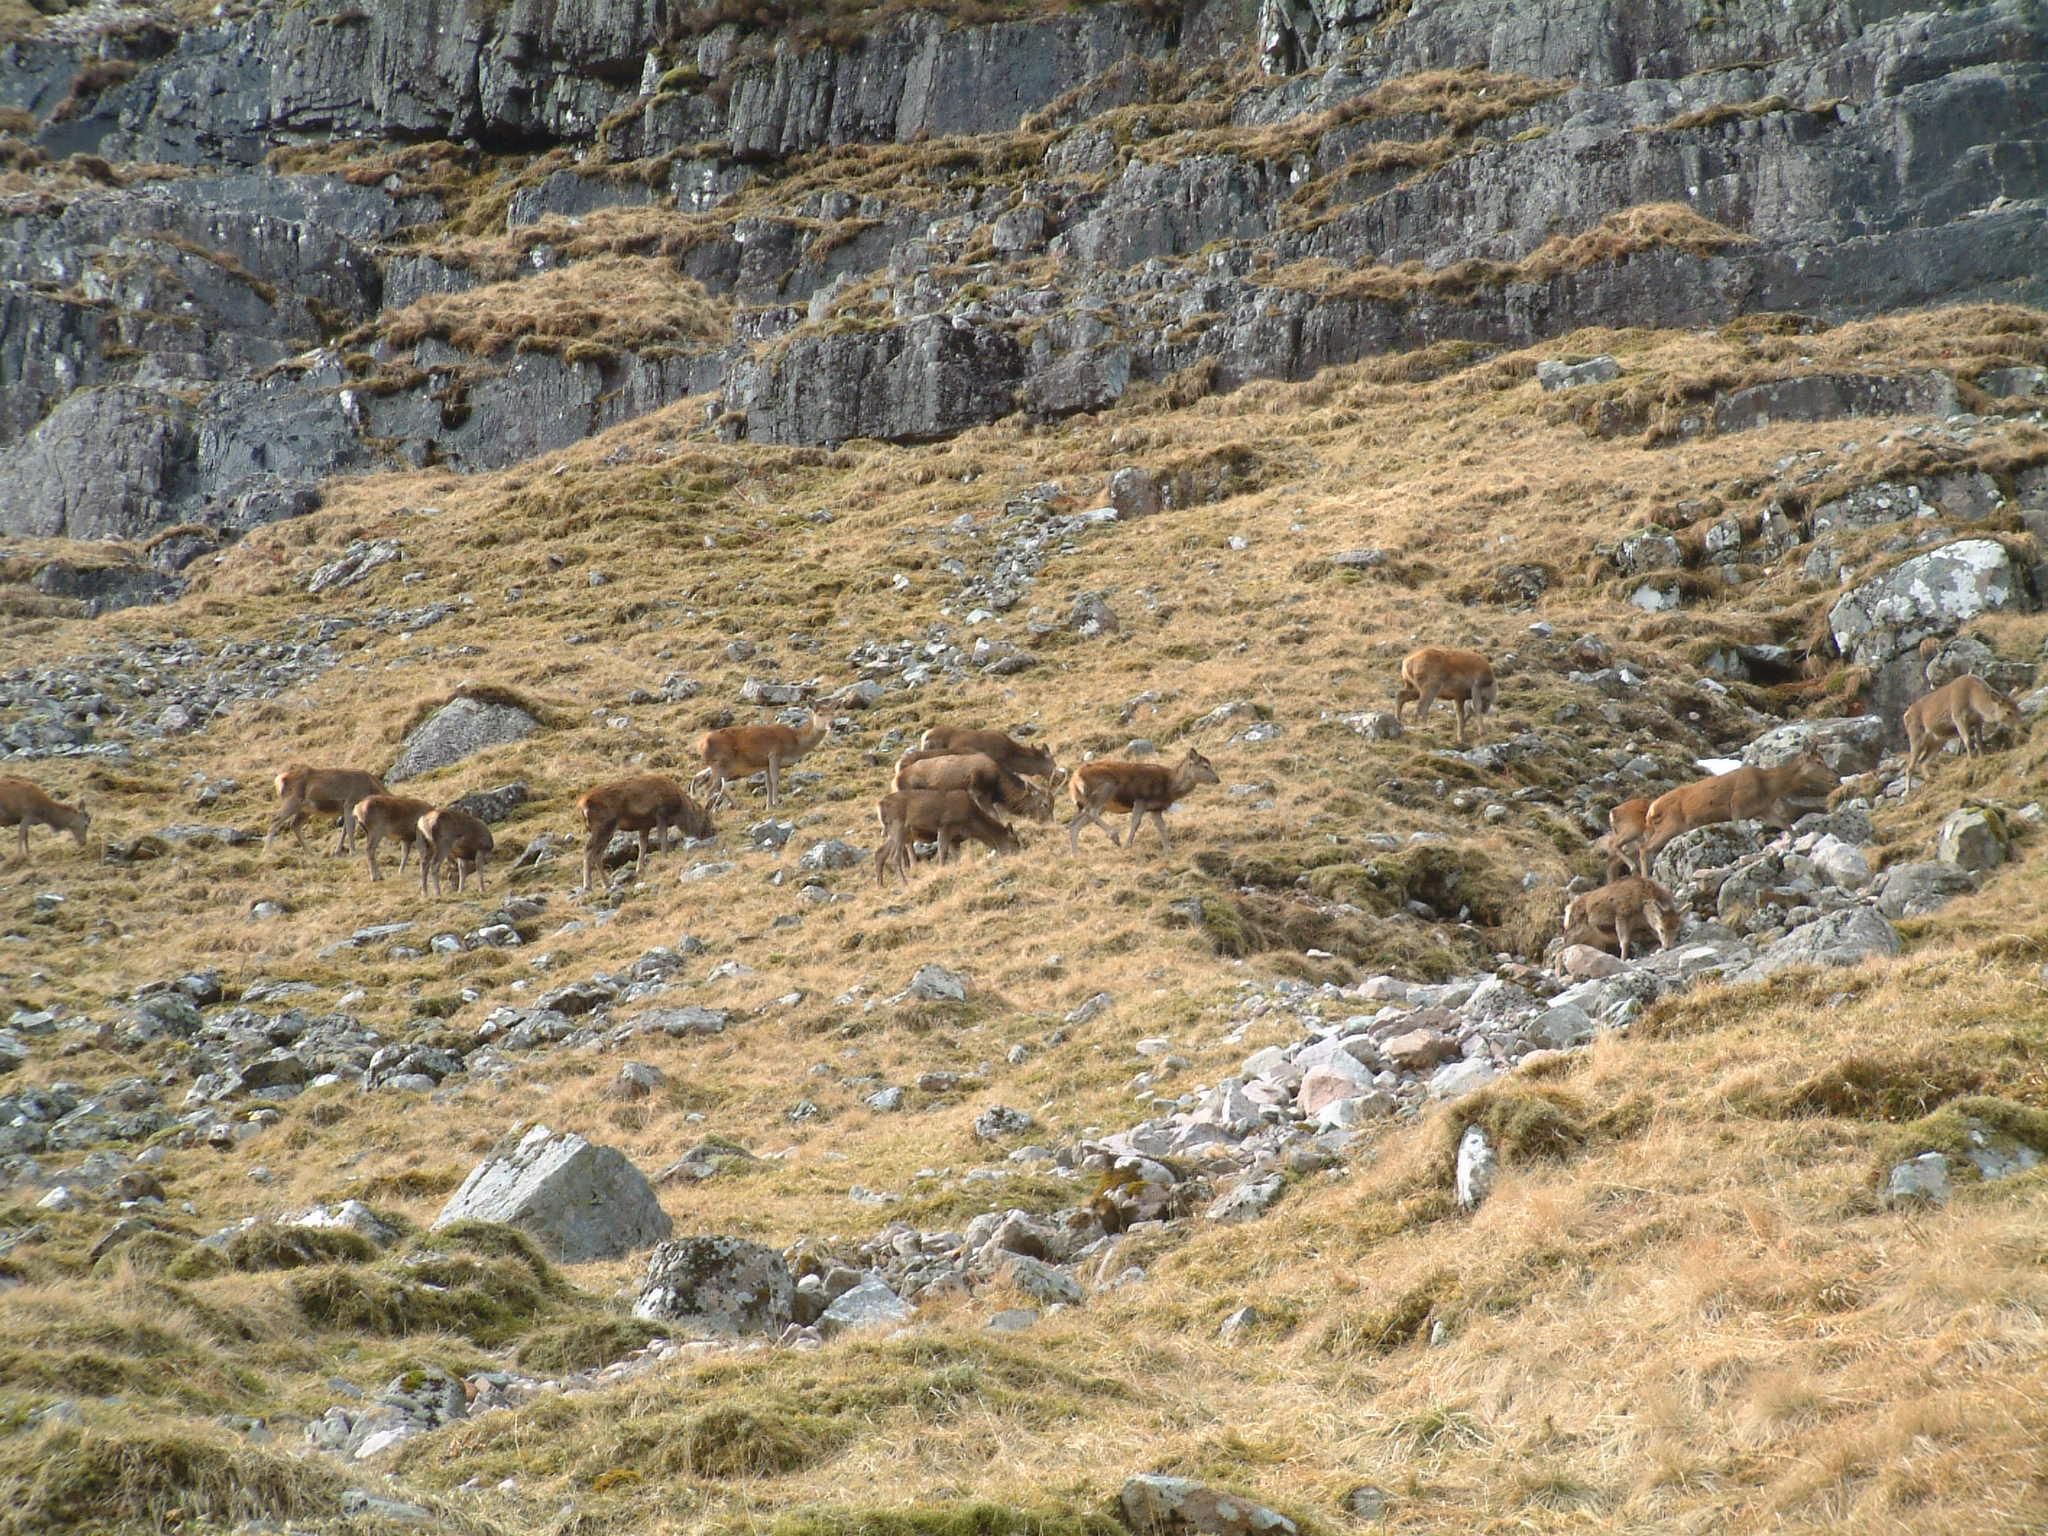 Deer in Hidden Valley, Glencoe